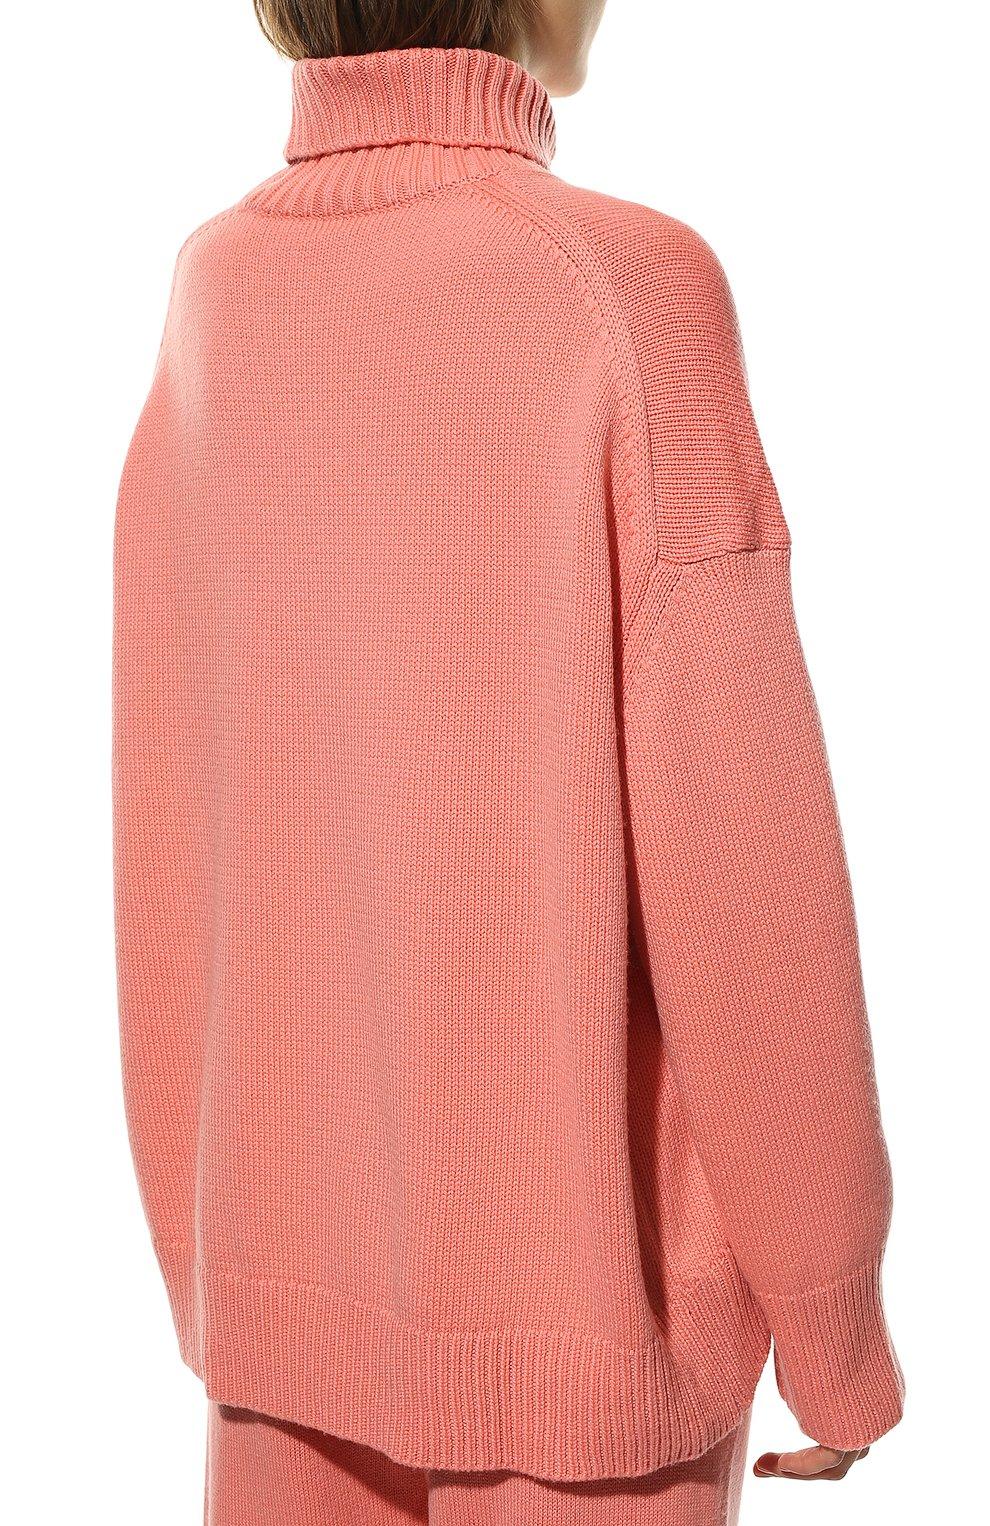 Женский свитер из смеси шерсти и кашемира ADDICTED розового цвета, арт. MK840 | Фото 4 (Женское Кросс-КТ: Свитер-одежда; Материал внешний: Шерсть; Рукава: Длинные; Длина (для топов): Стандартные; Статус проверки: Проверена категория)